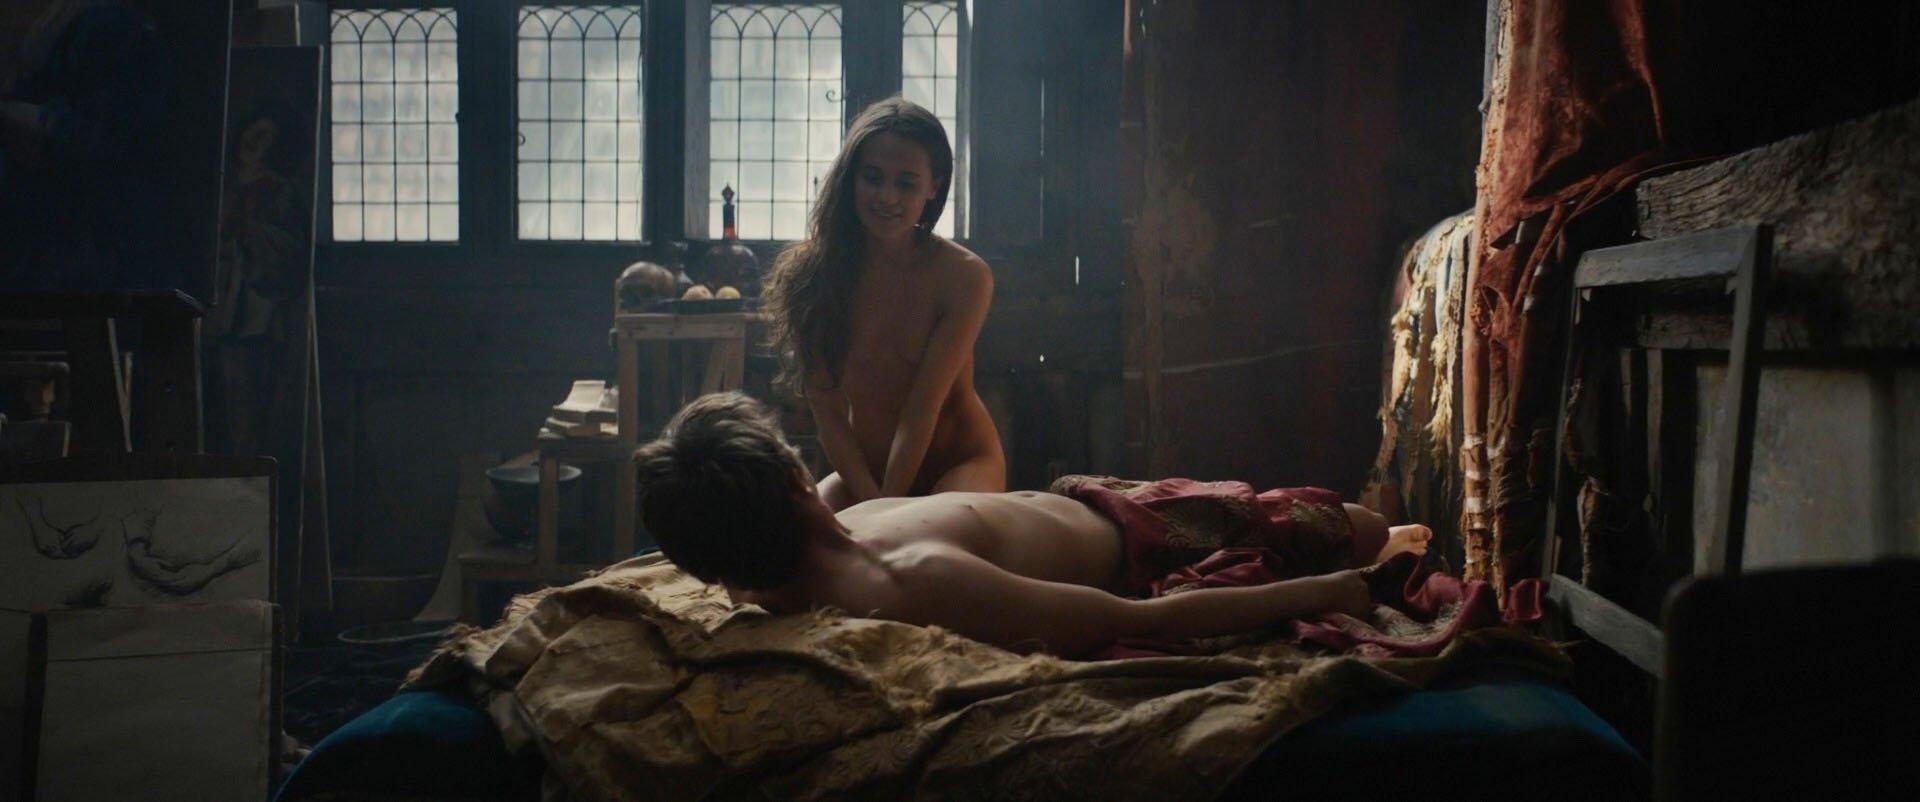 Tulip joshi nude sex scene — 2